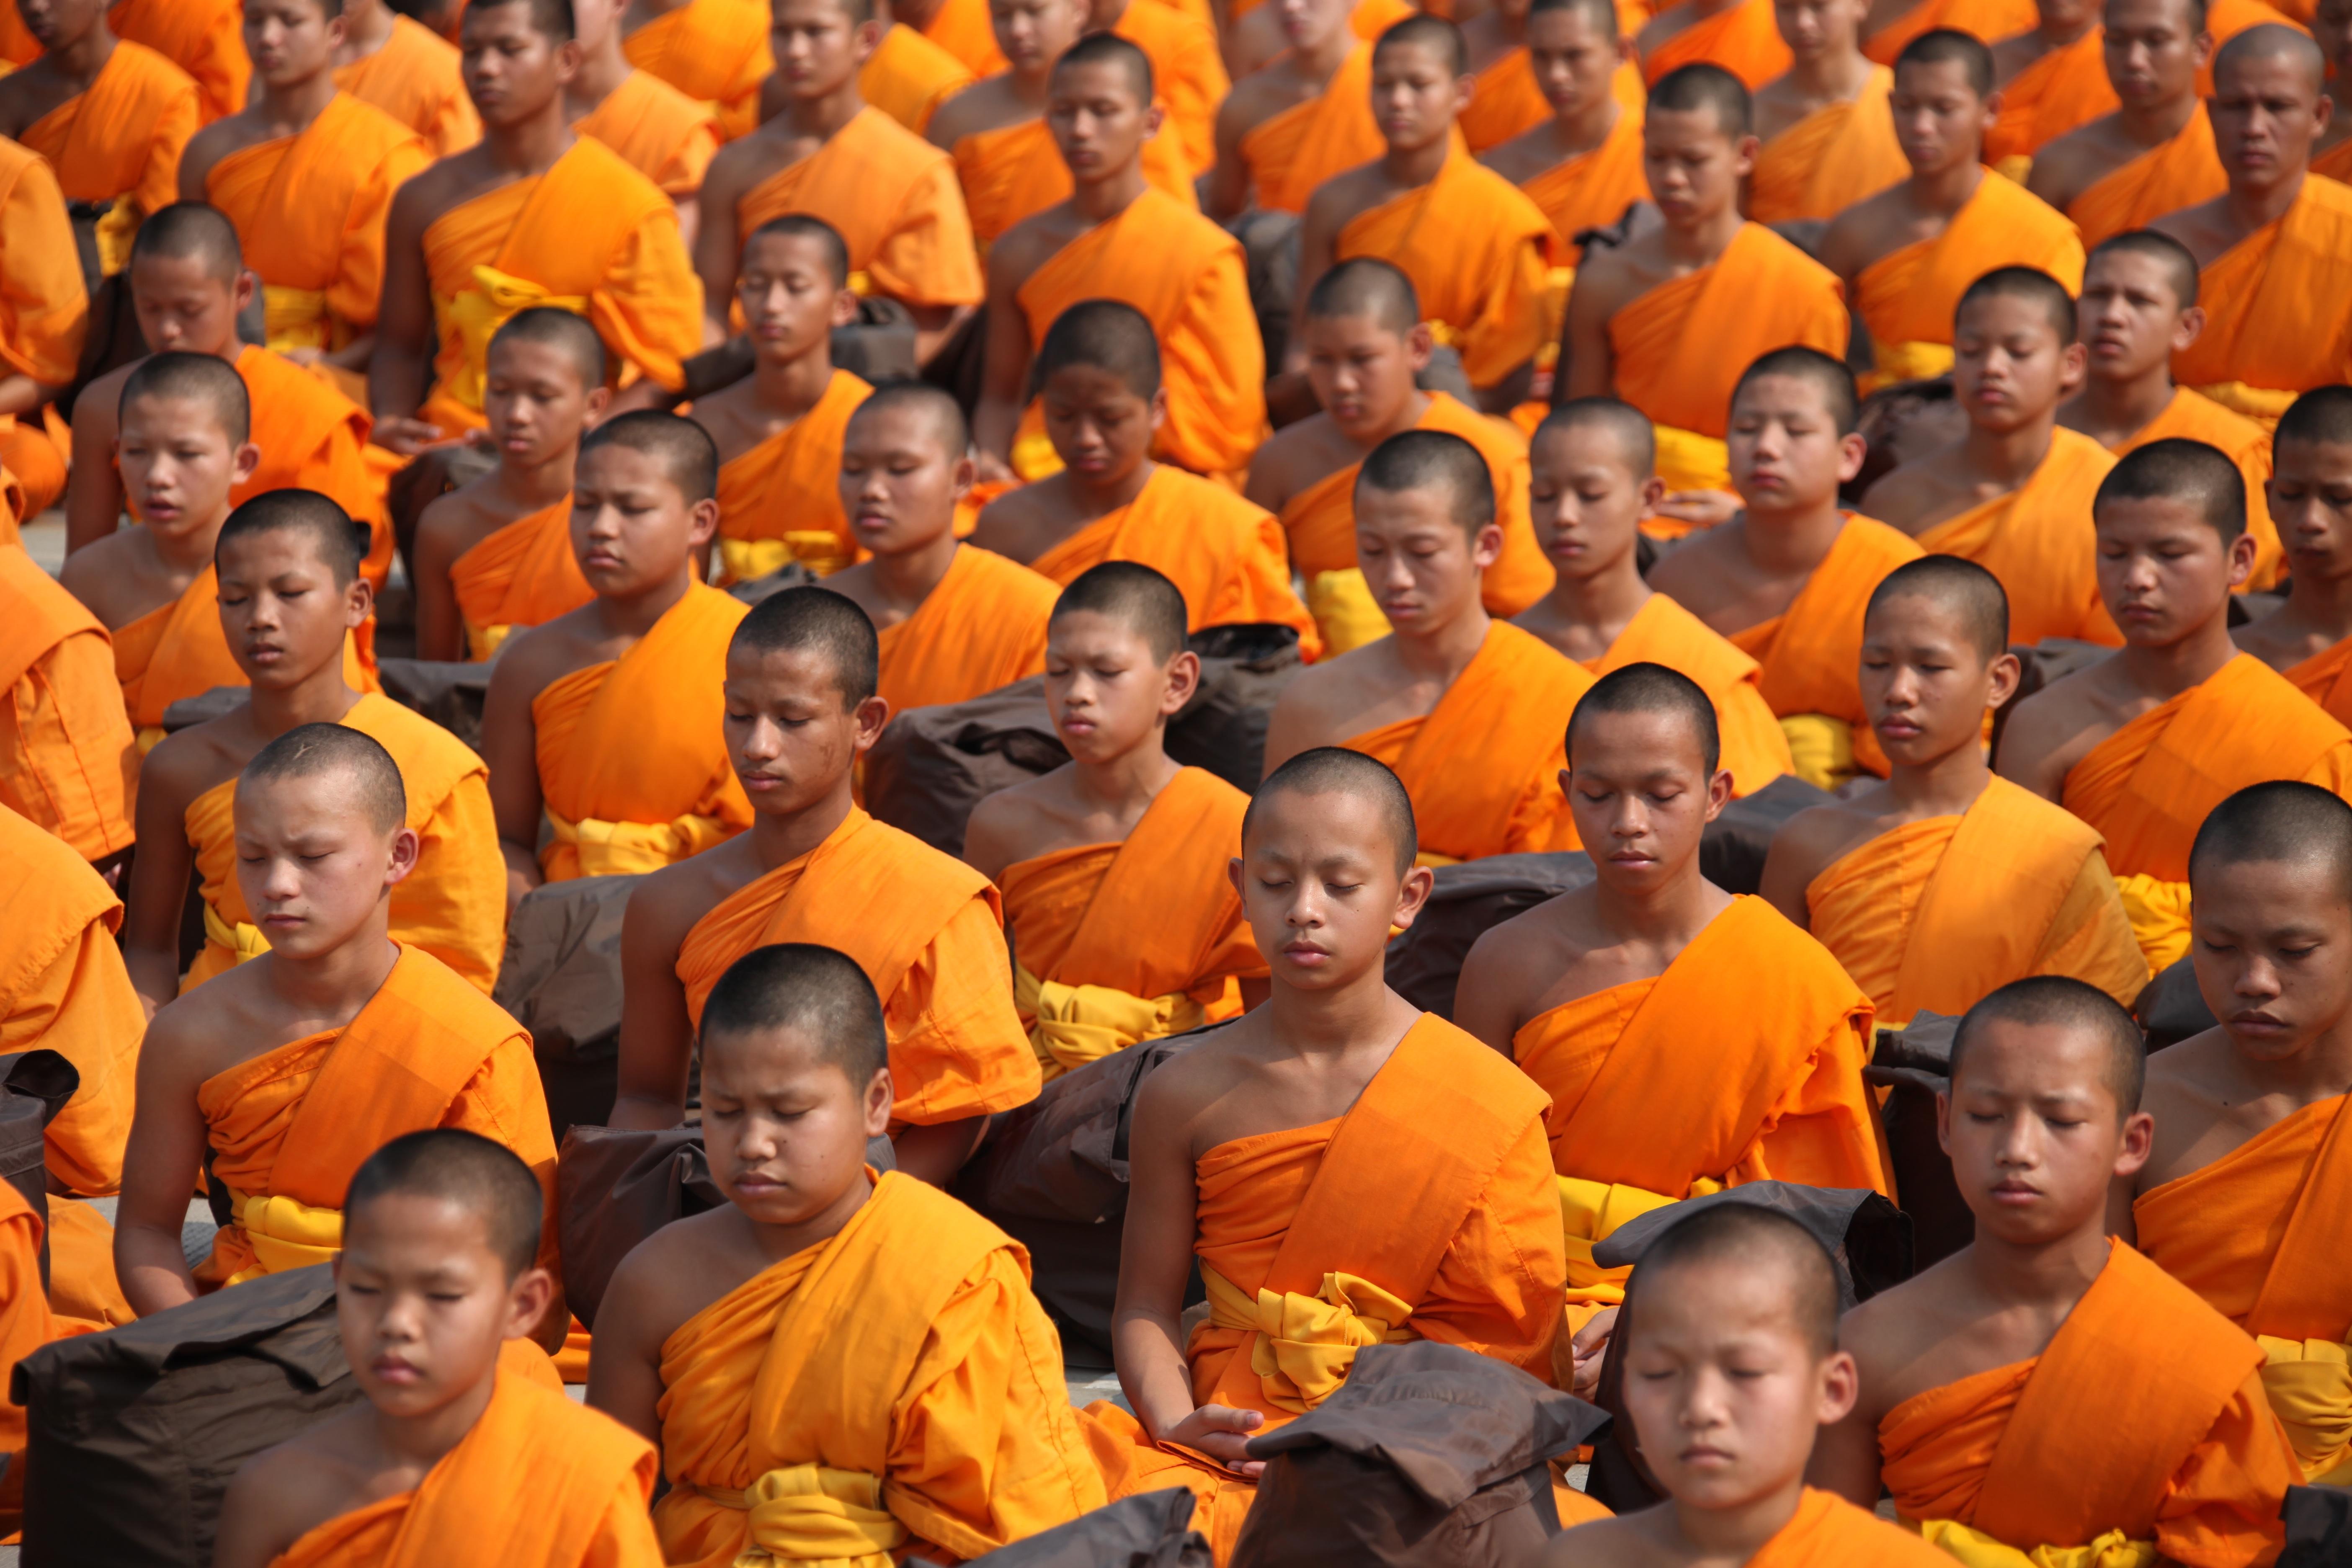 Buddhistische Mönche in Orange